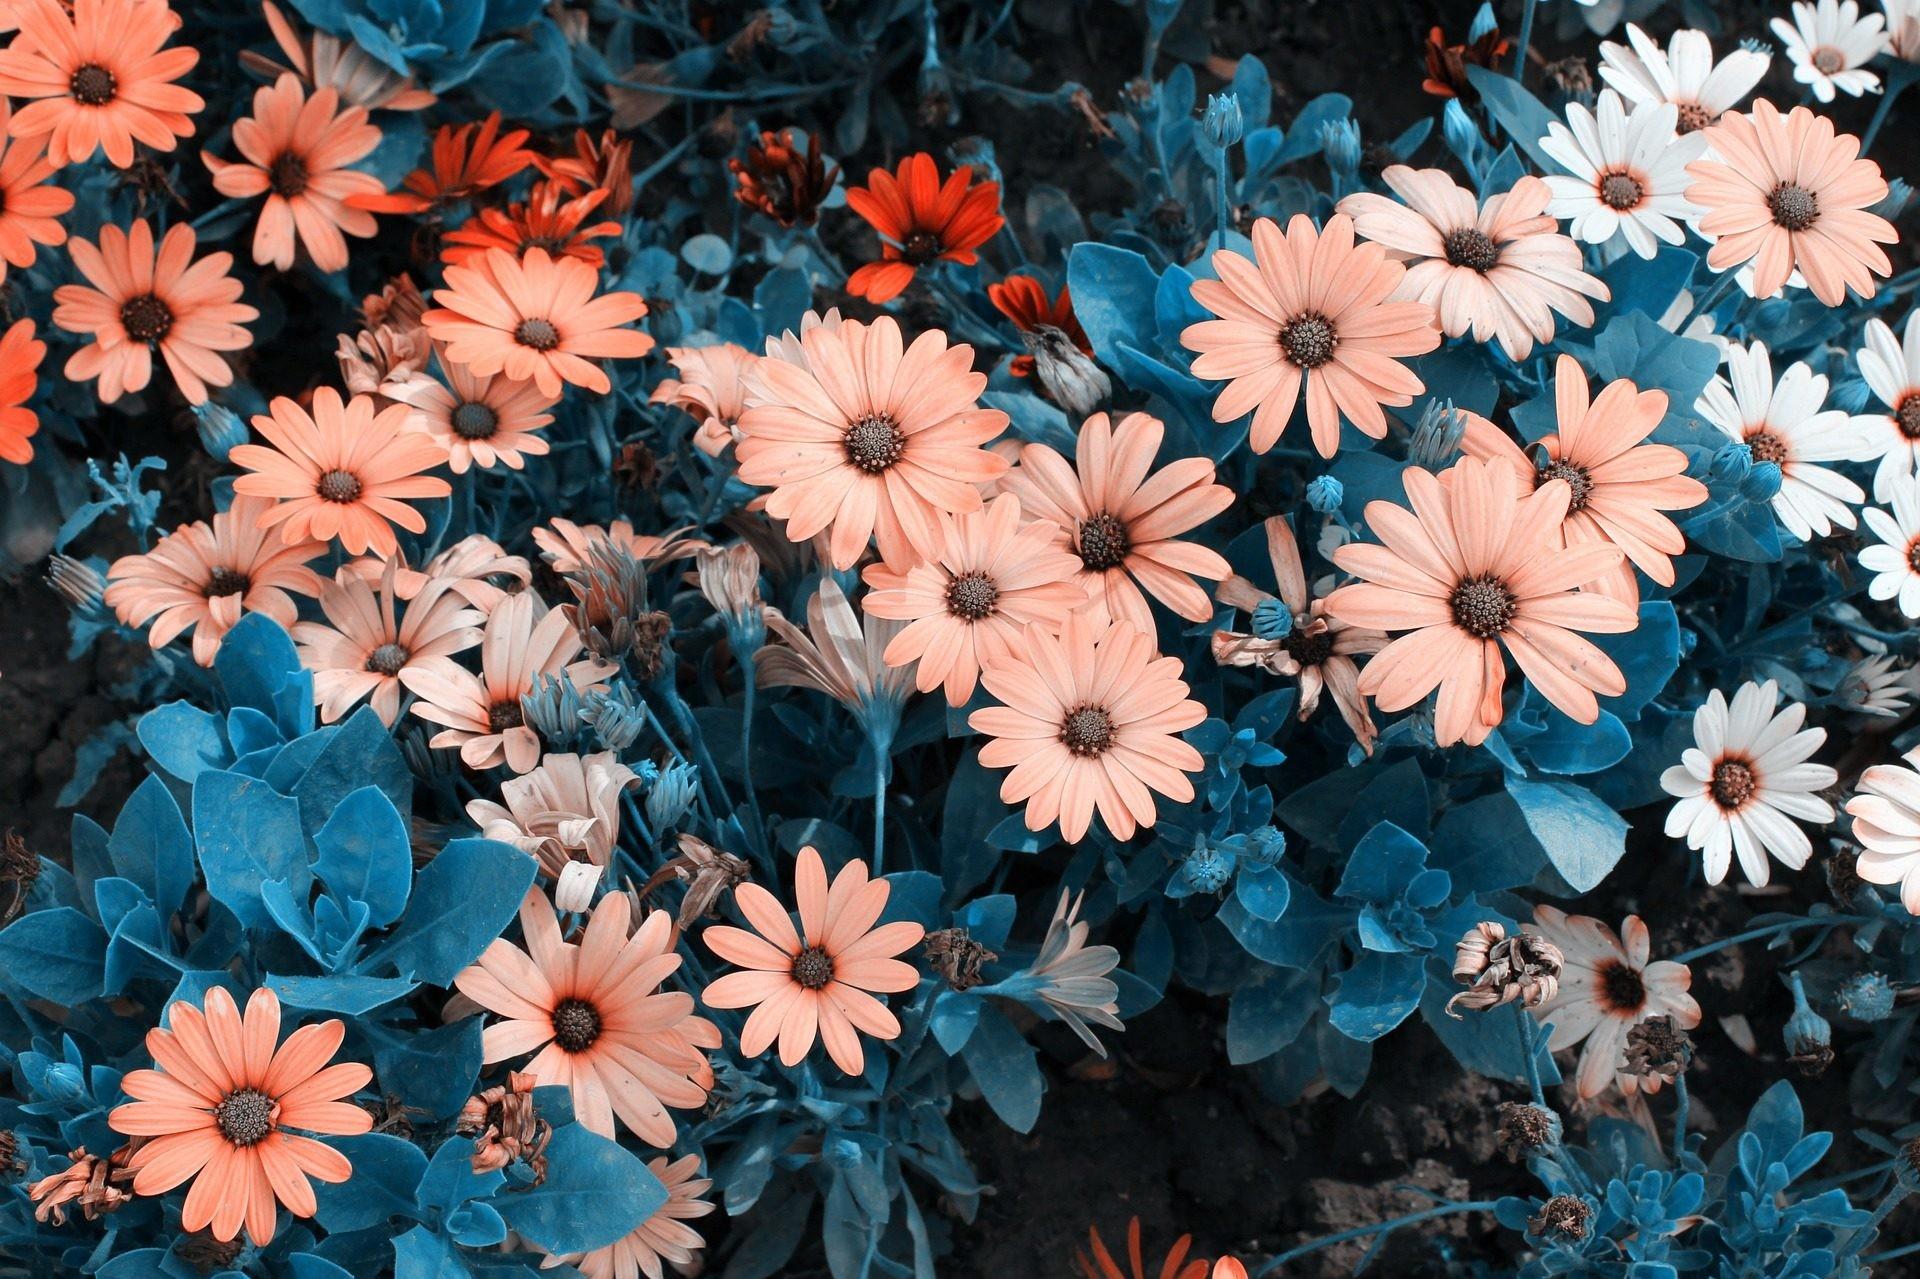 Fondos De Pantalla Hd Flores: Sfondi Tumblr Fiori (63+ Immagini